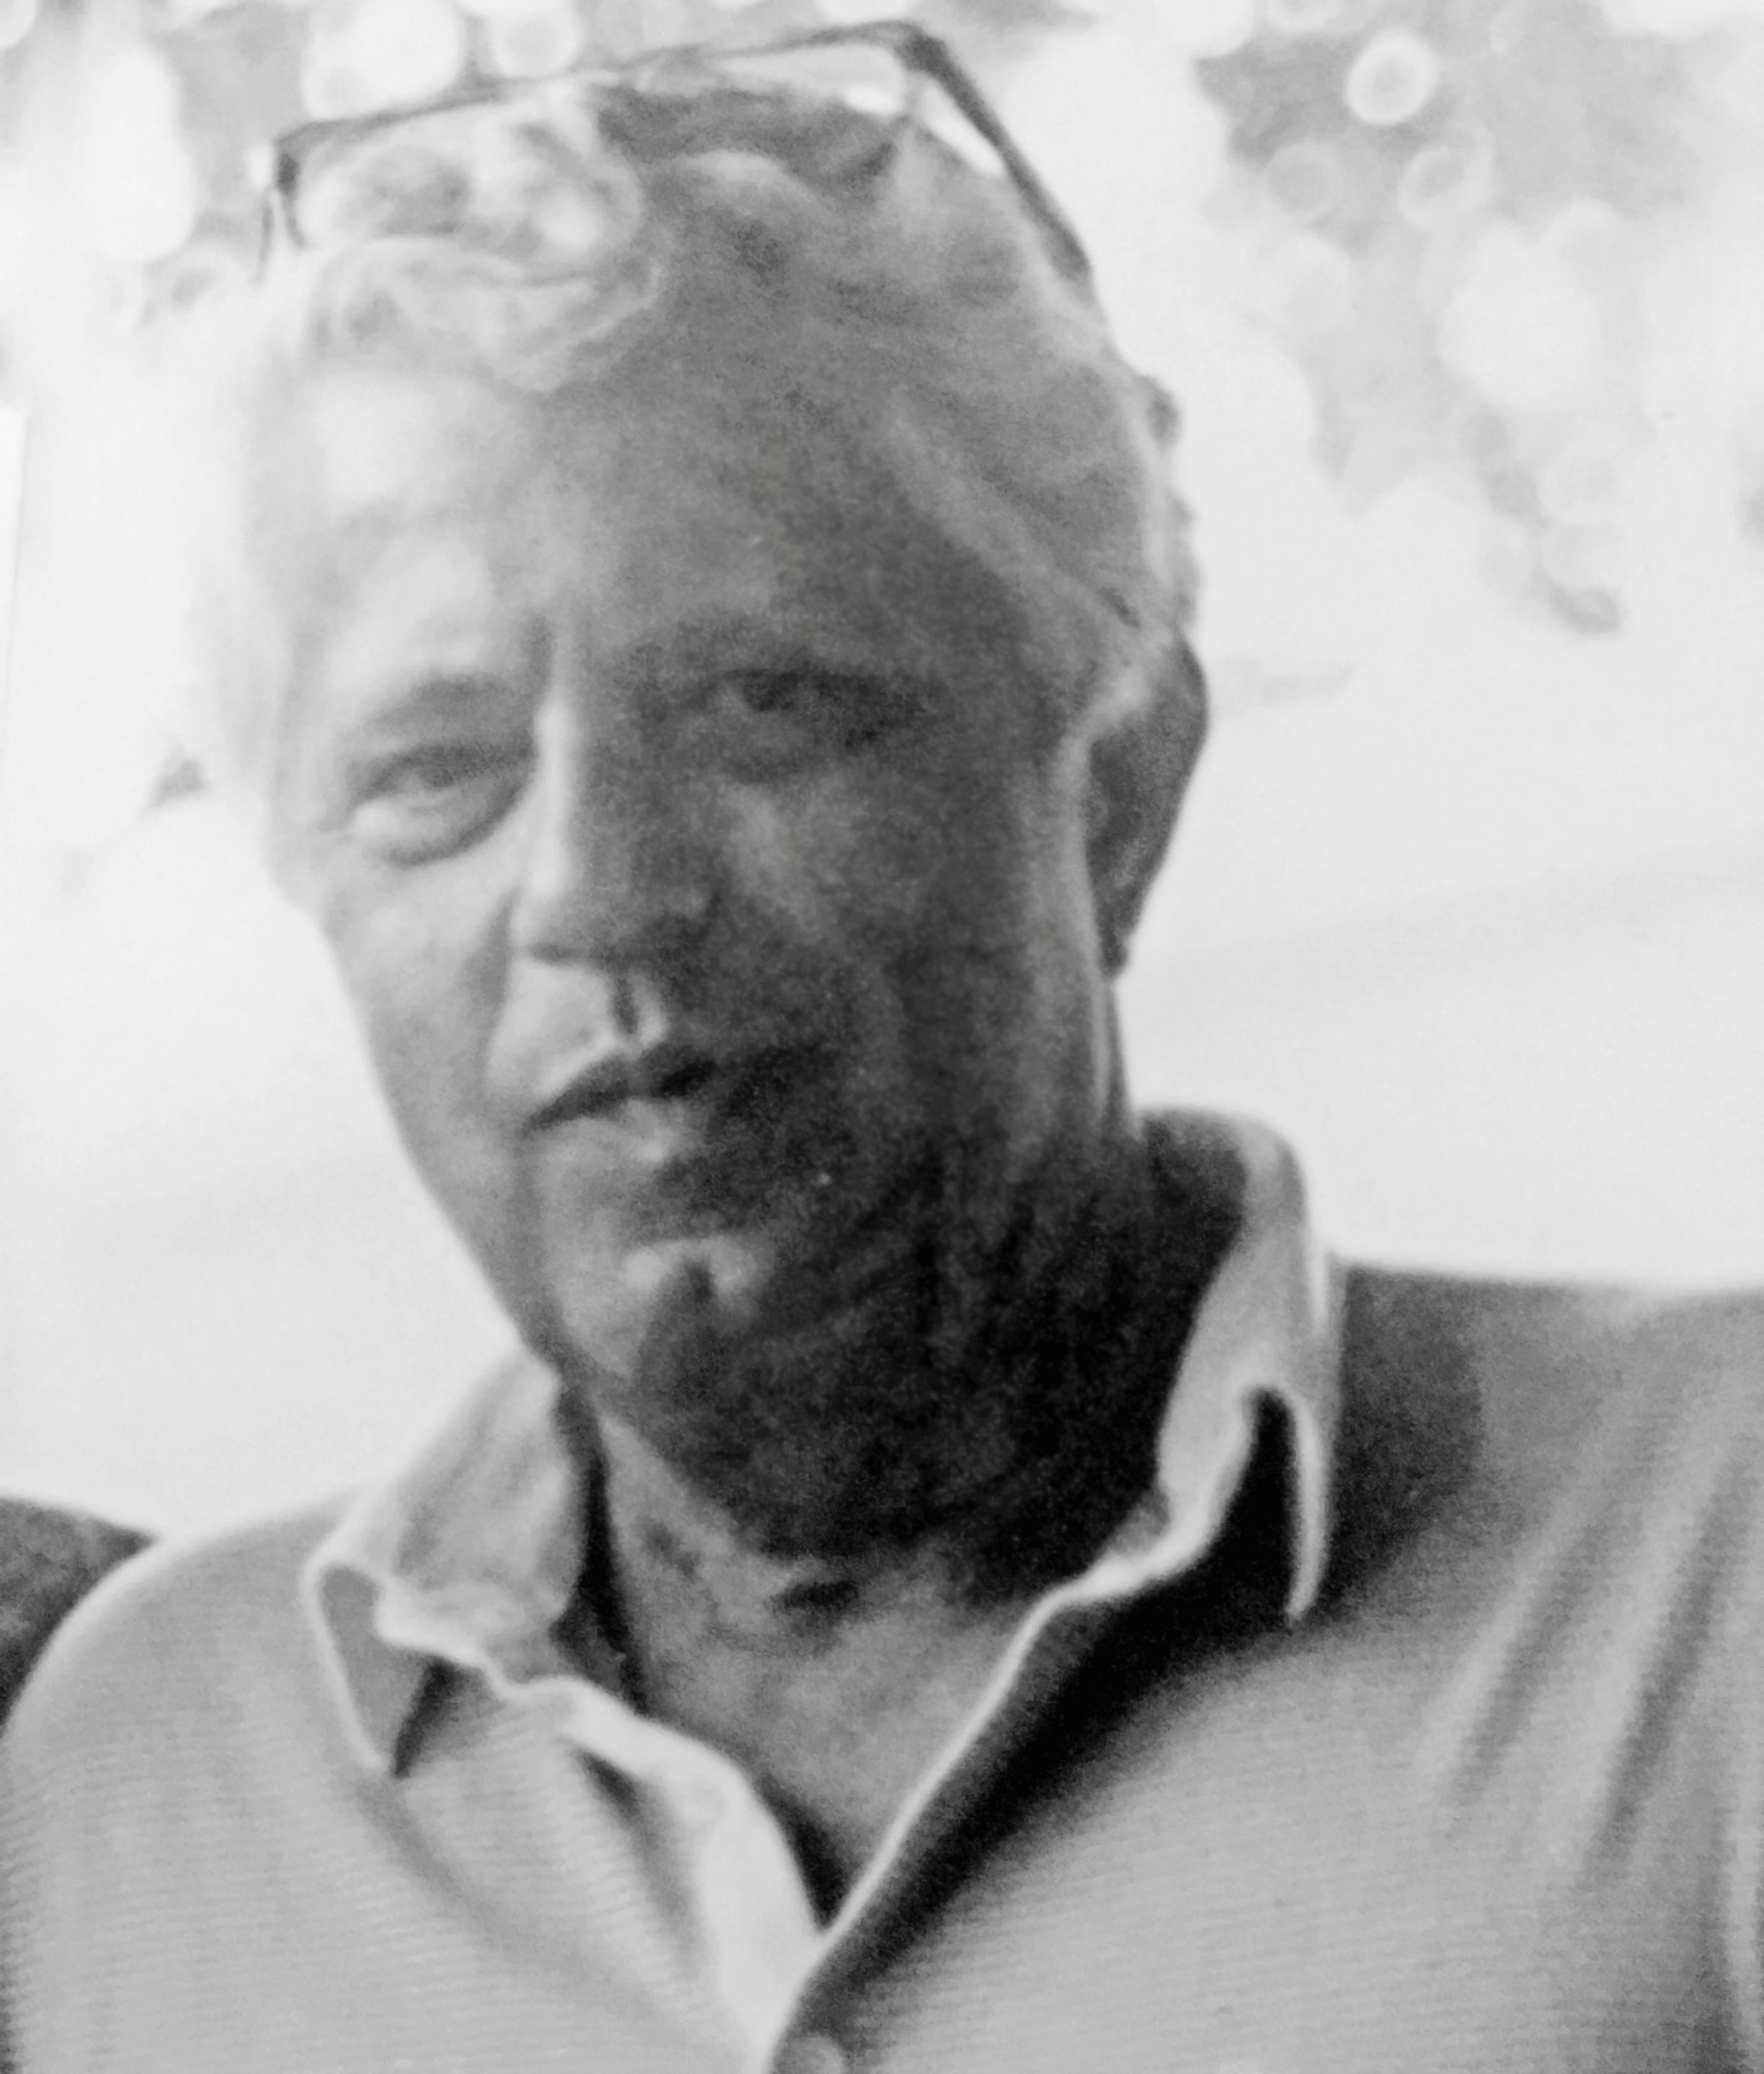 JAMES BENJAMIN SEELIG